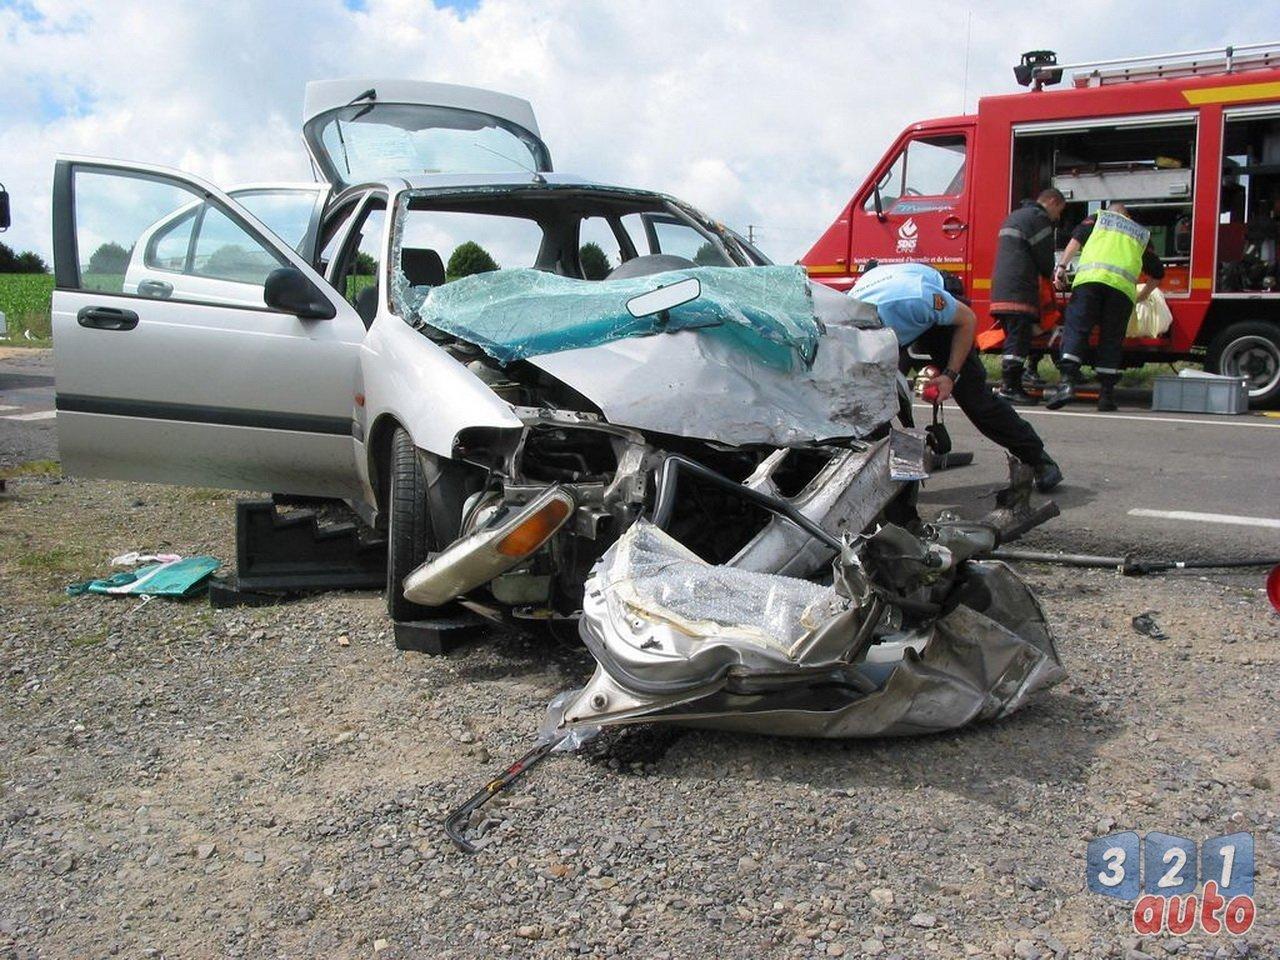 Sécurité routière : des mesures fortes pour limiter la mortalité